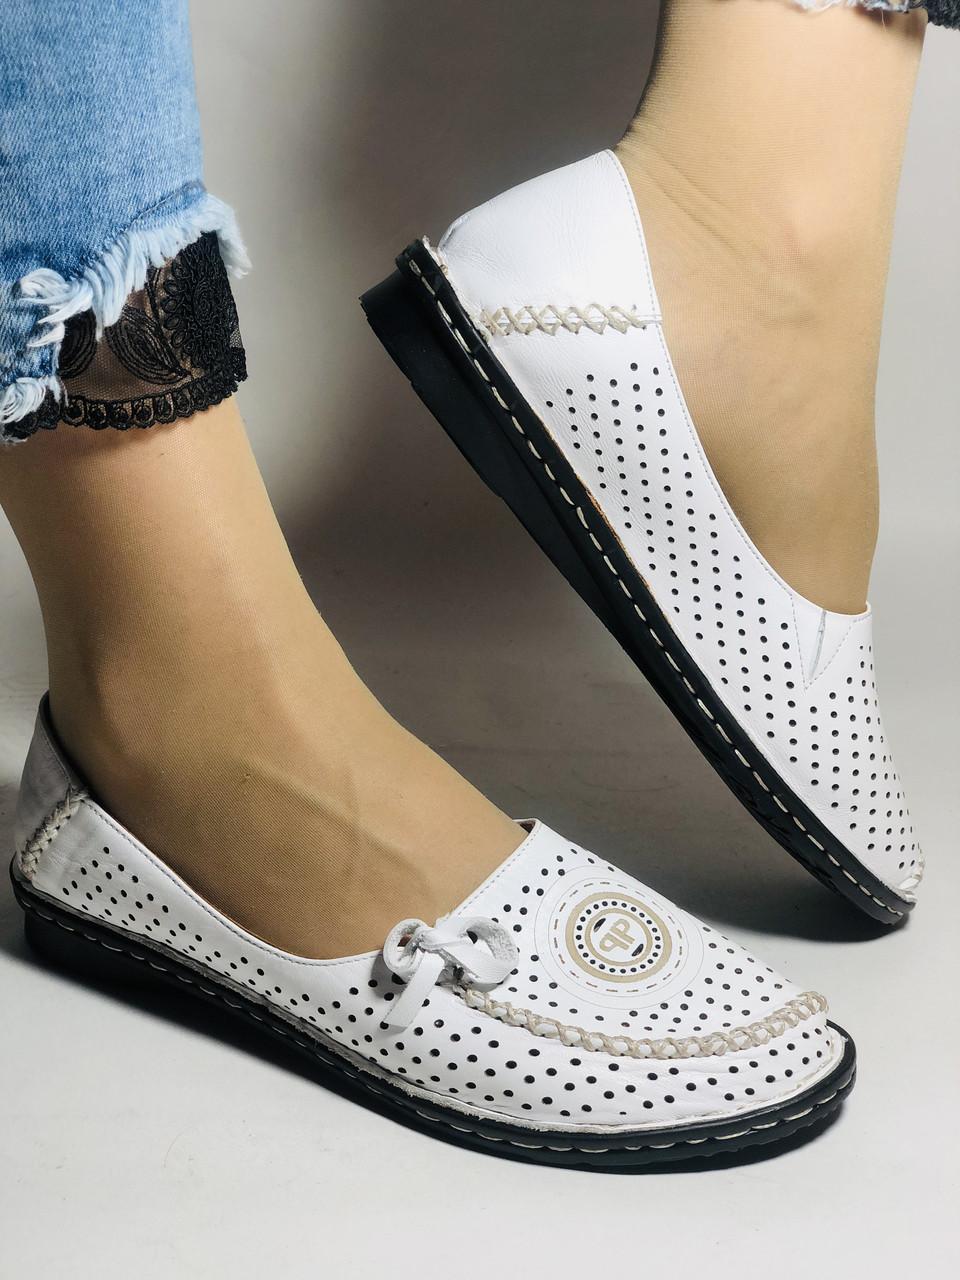 Удобные! Женские туфли -балетки из натуральной кожи Турция.36-40. Супер комфорт.Vellena